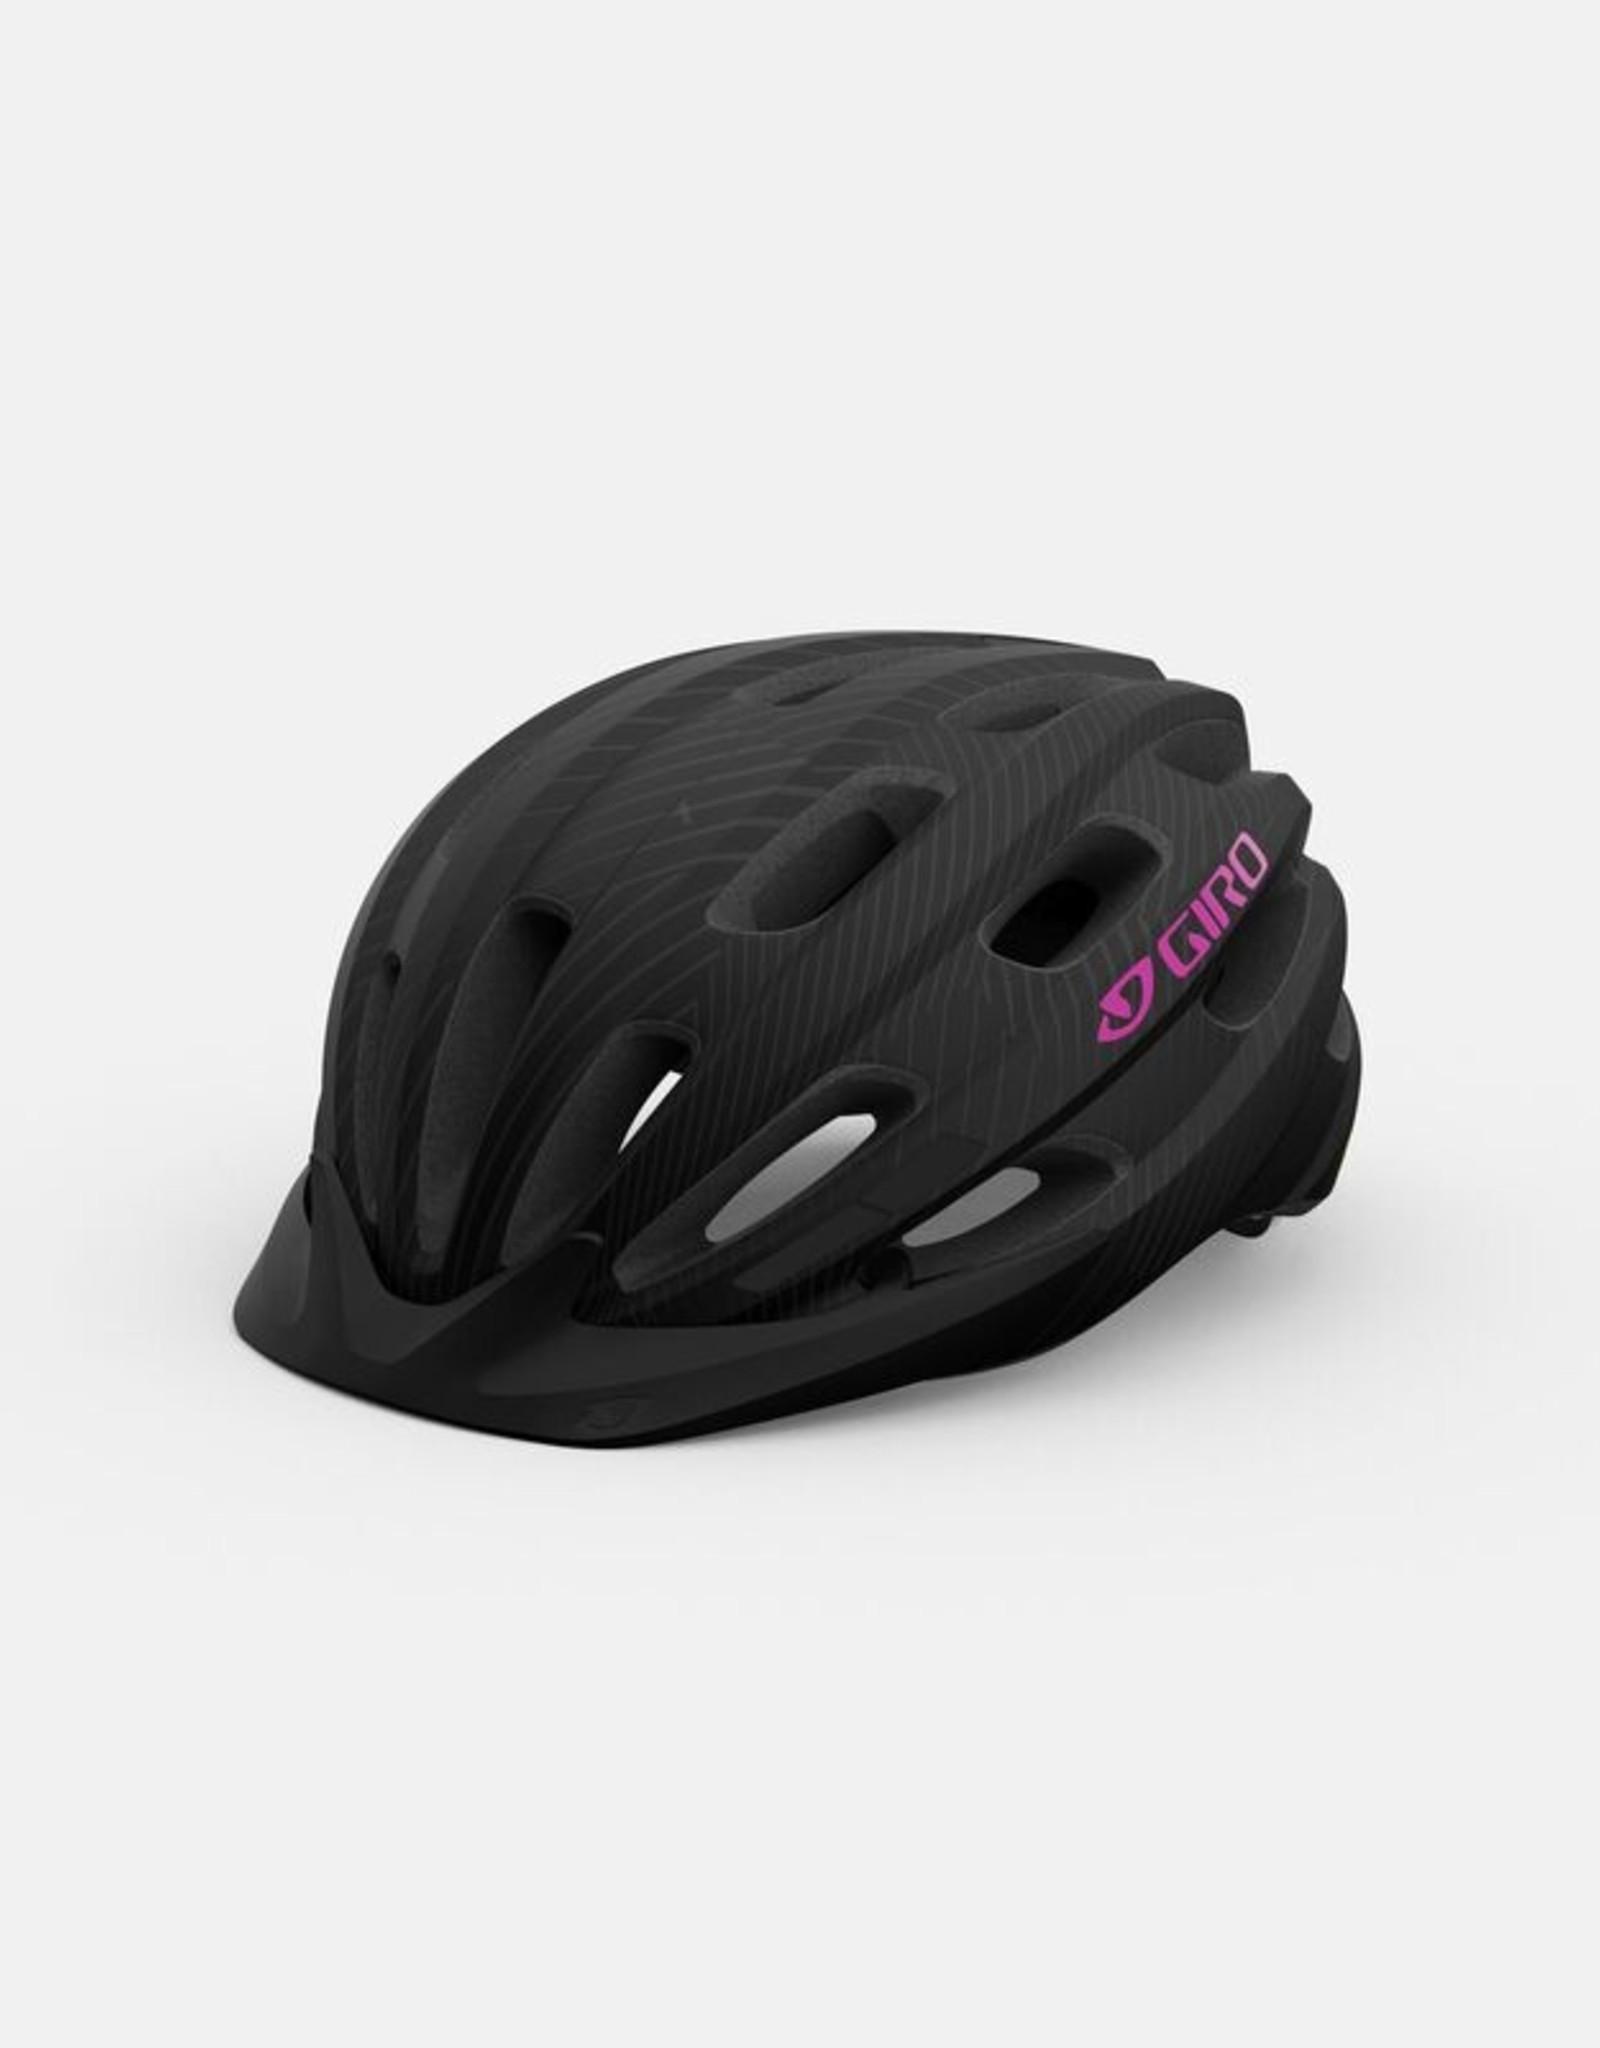 Giro Giro 2021 Vasona MIPS Adult Bike Helmet